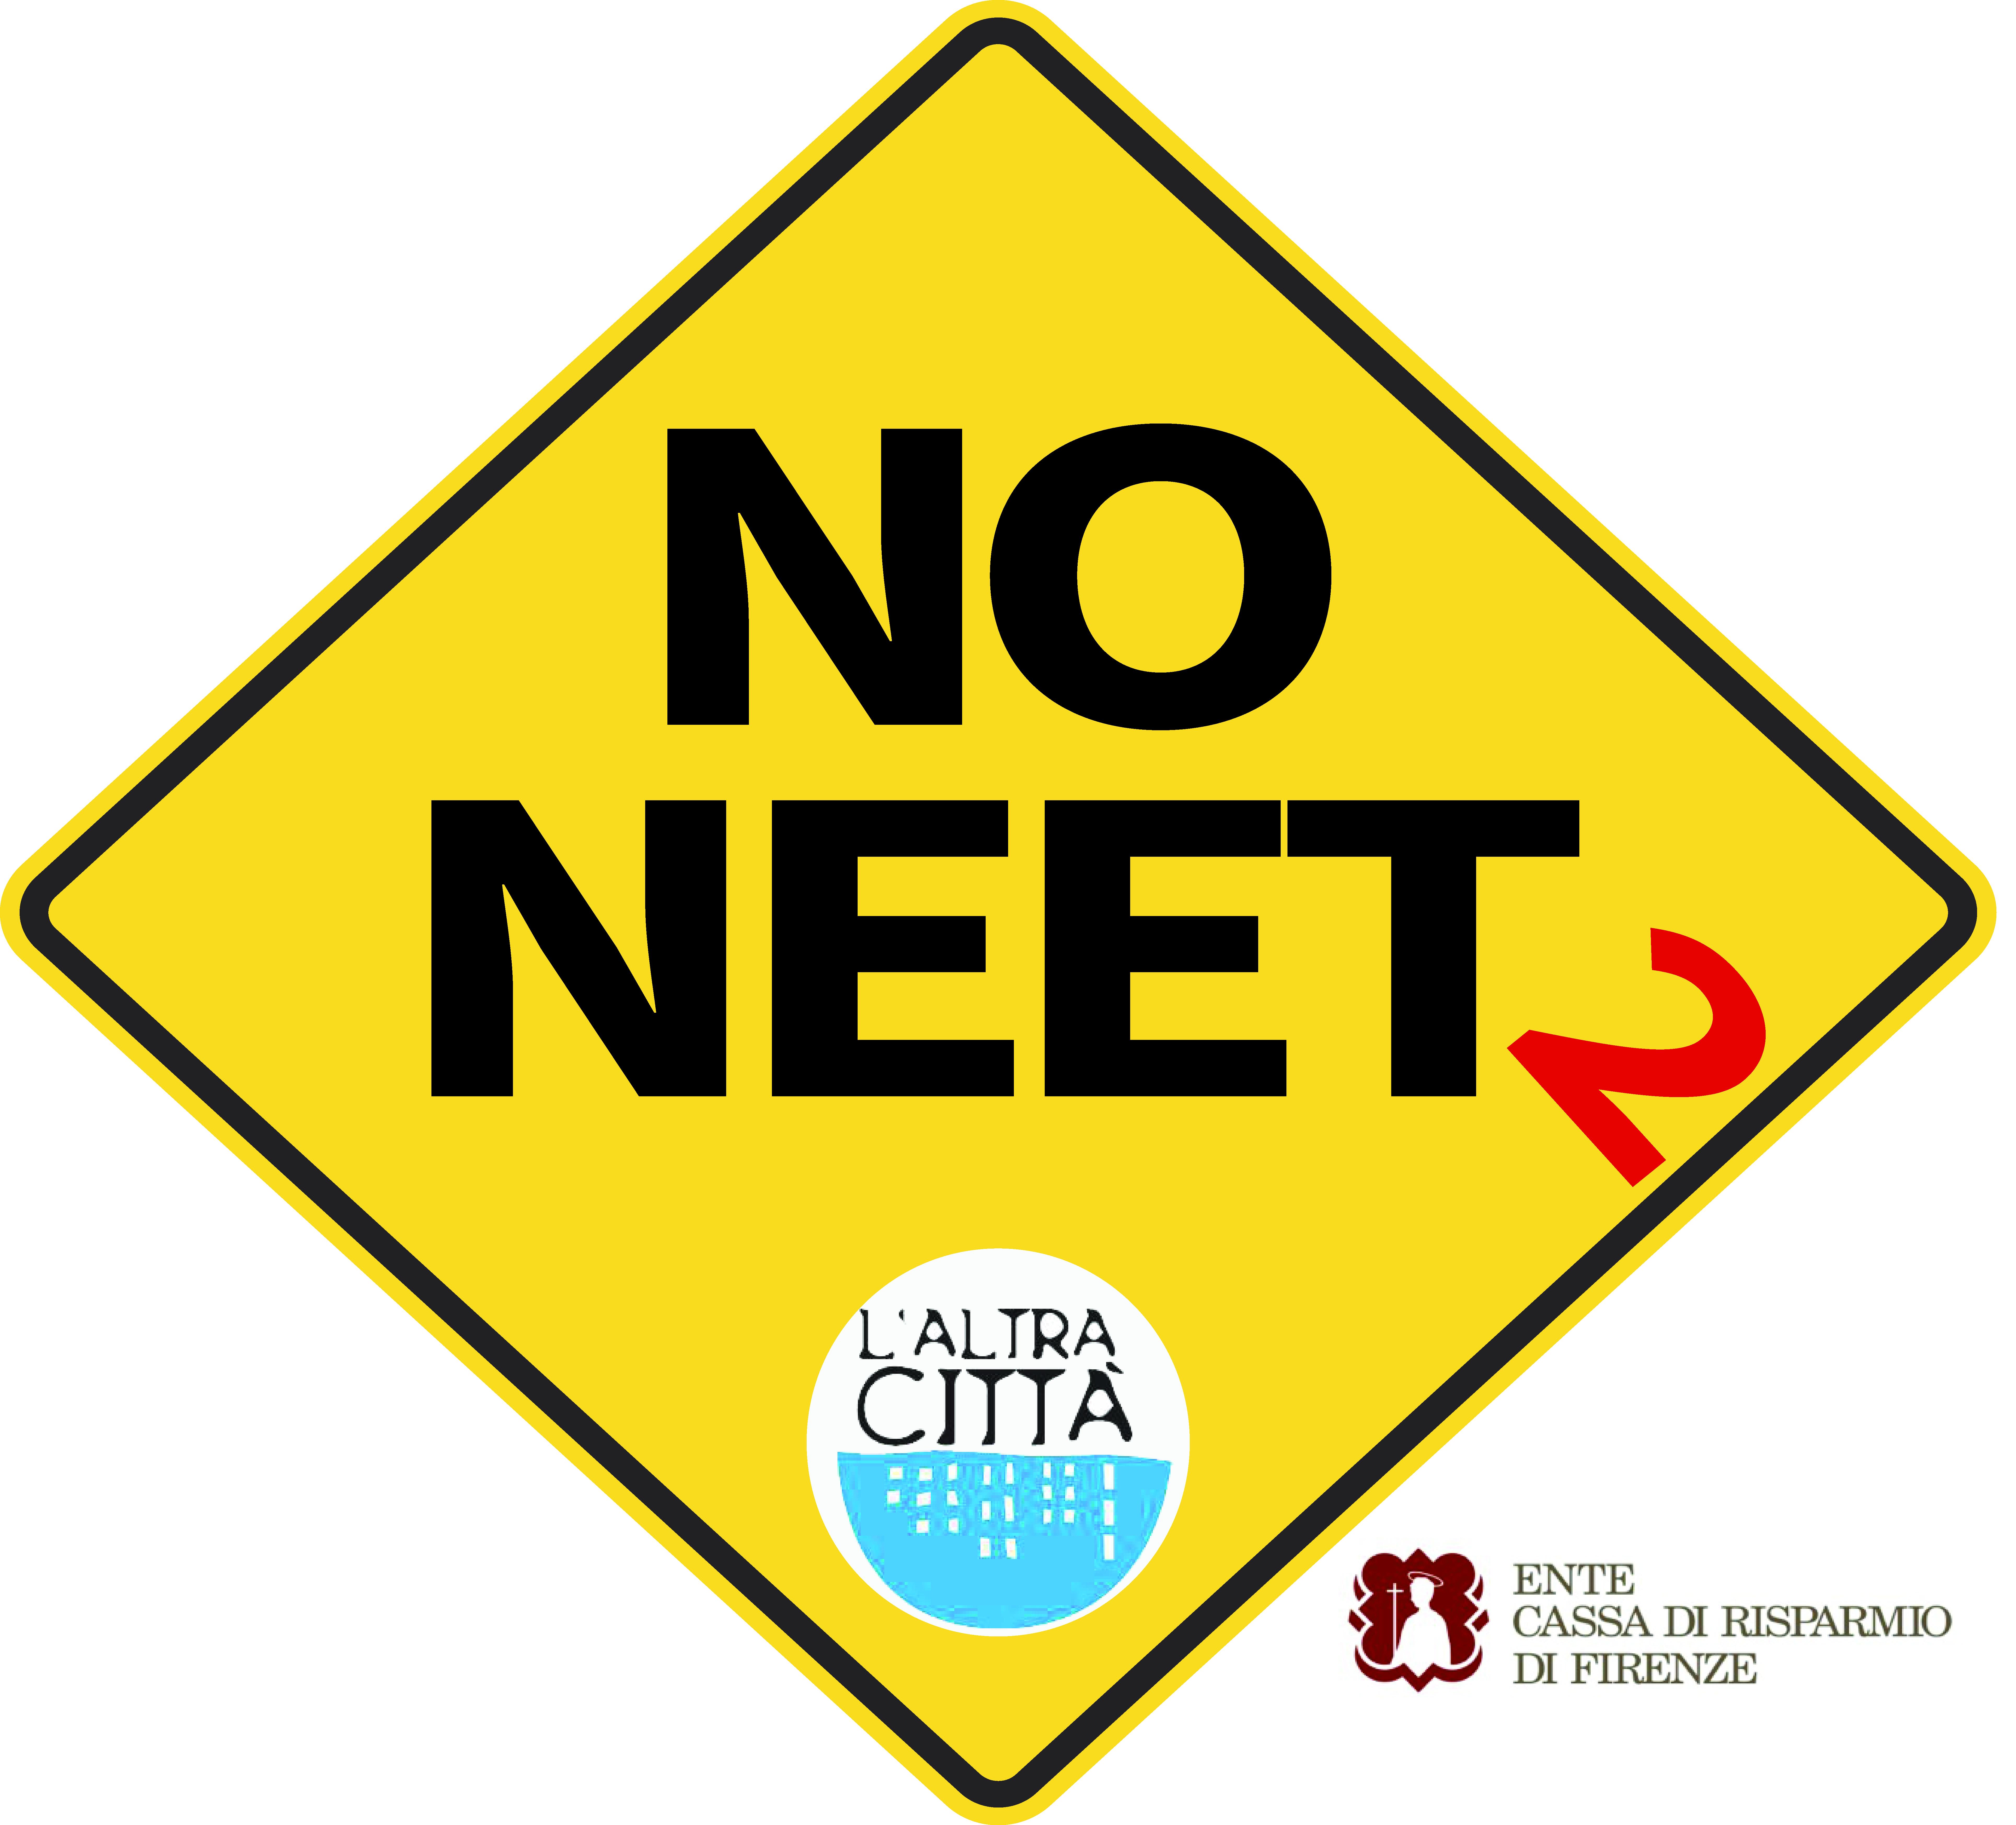 logo_noneet2_rev01